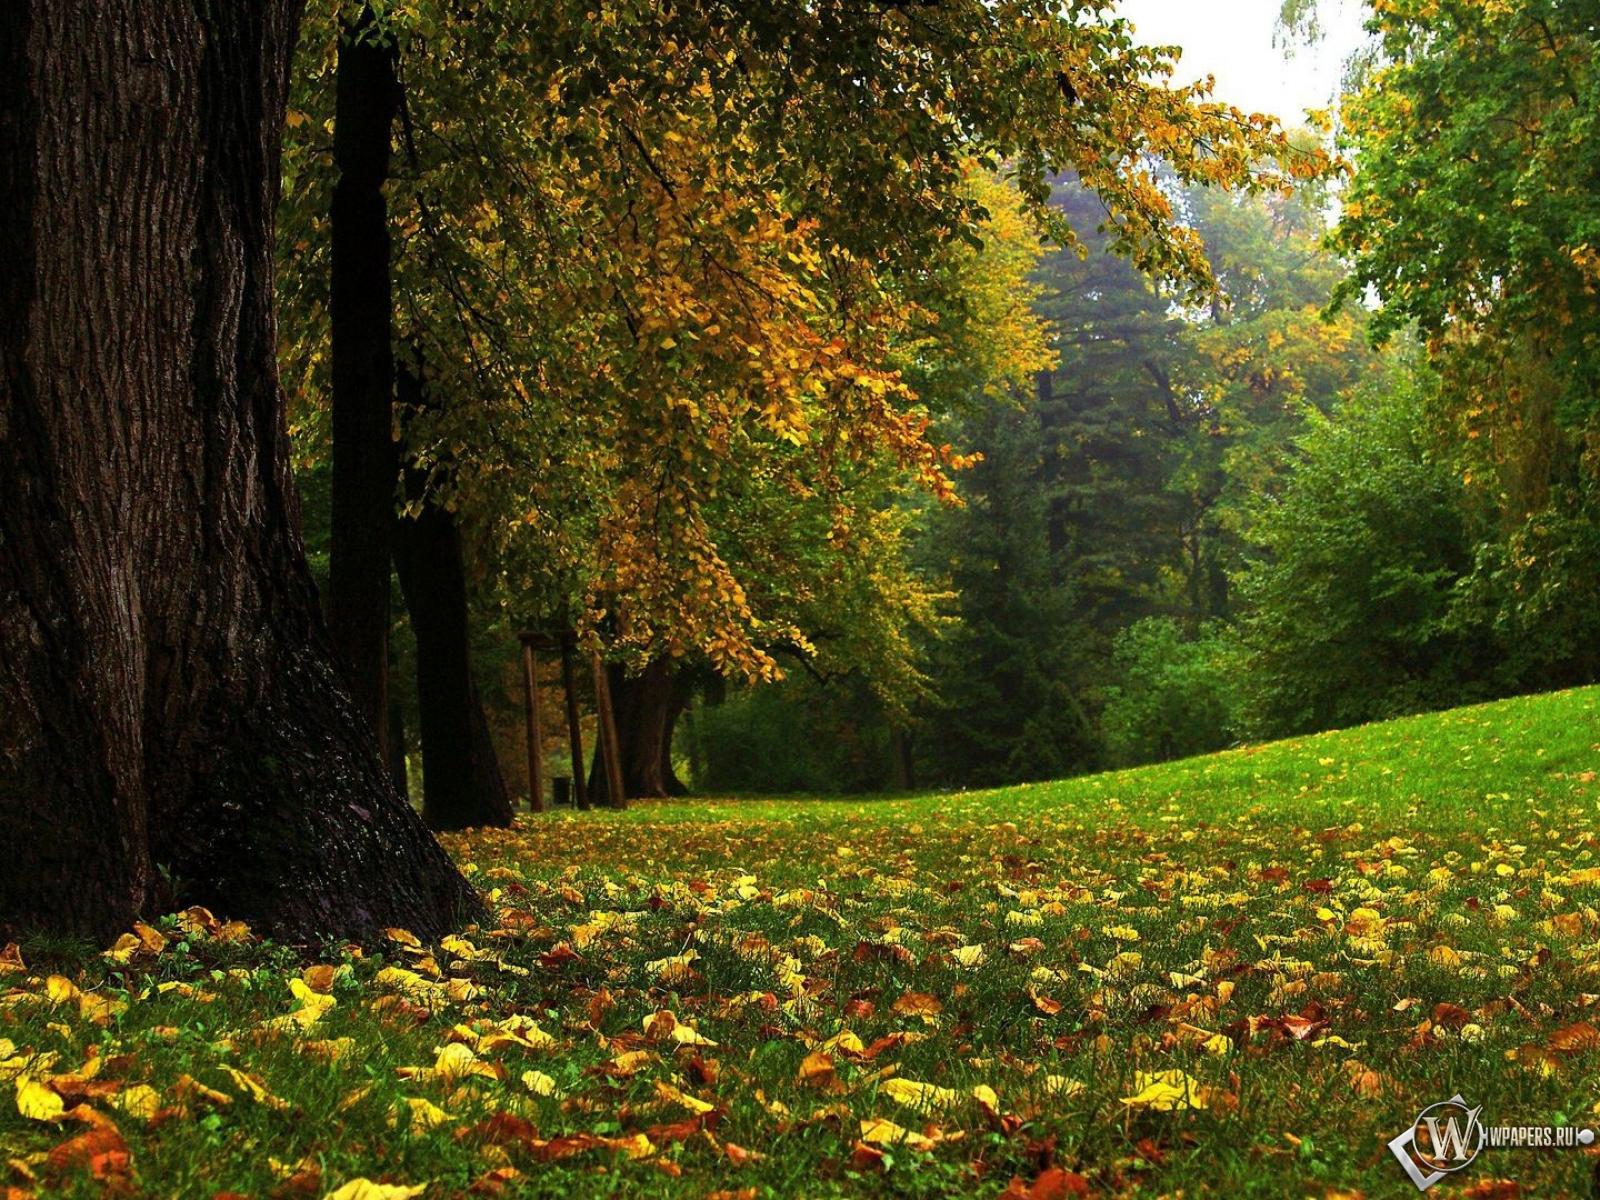 Сказочный лес лес осень осенний лес